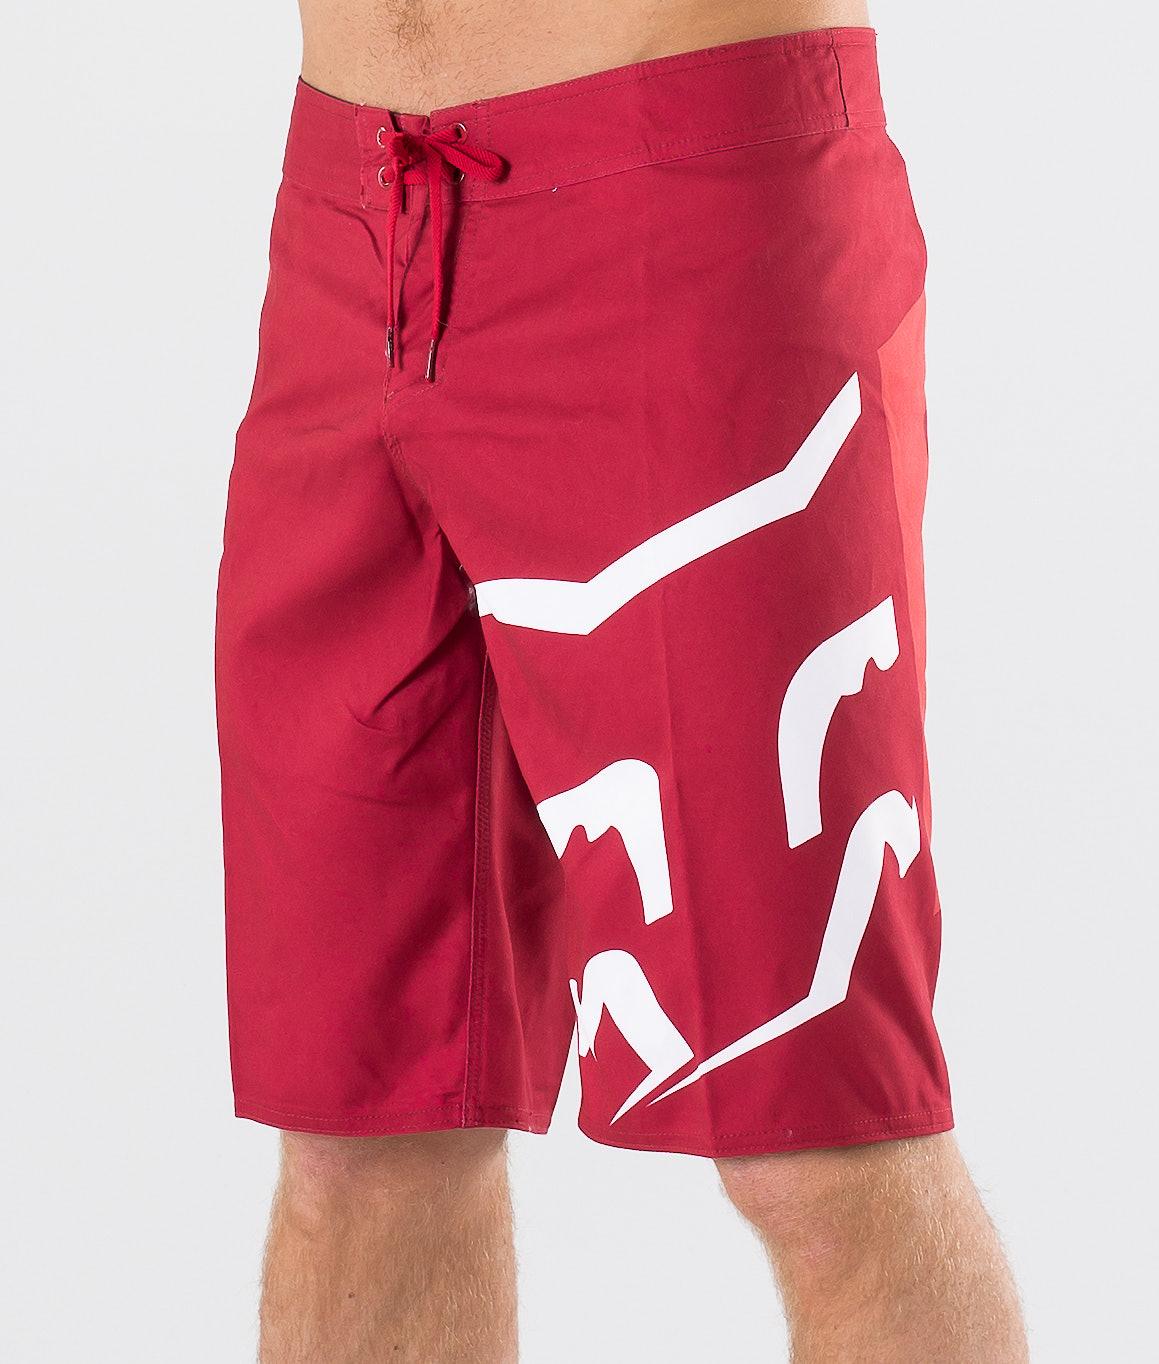 bb2c6be792 Men's Boardshorts   Swimwear   RIDESTORE